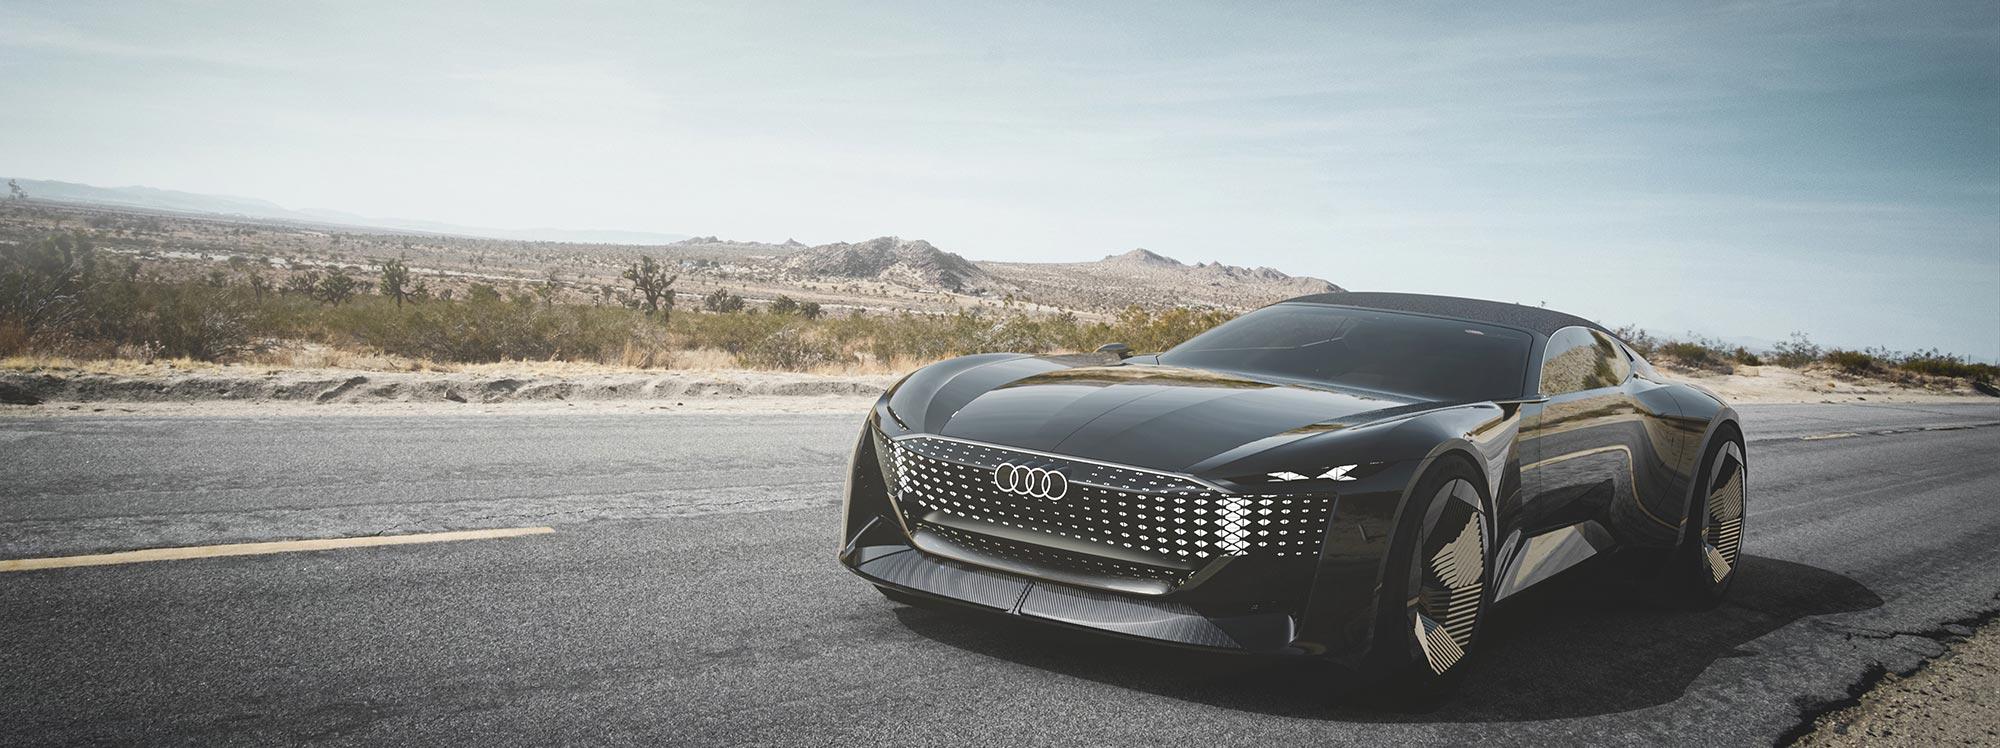 Audi presenta el descapotable autónomo del futuro